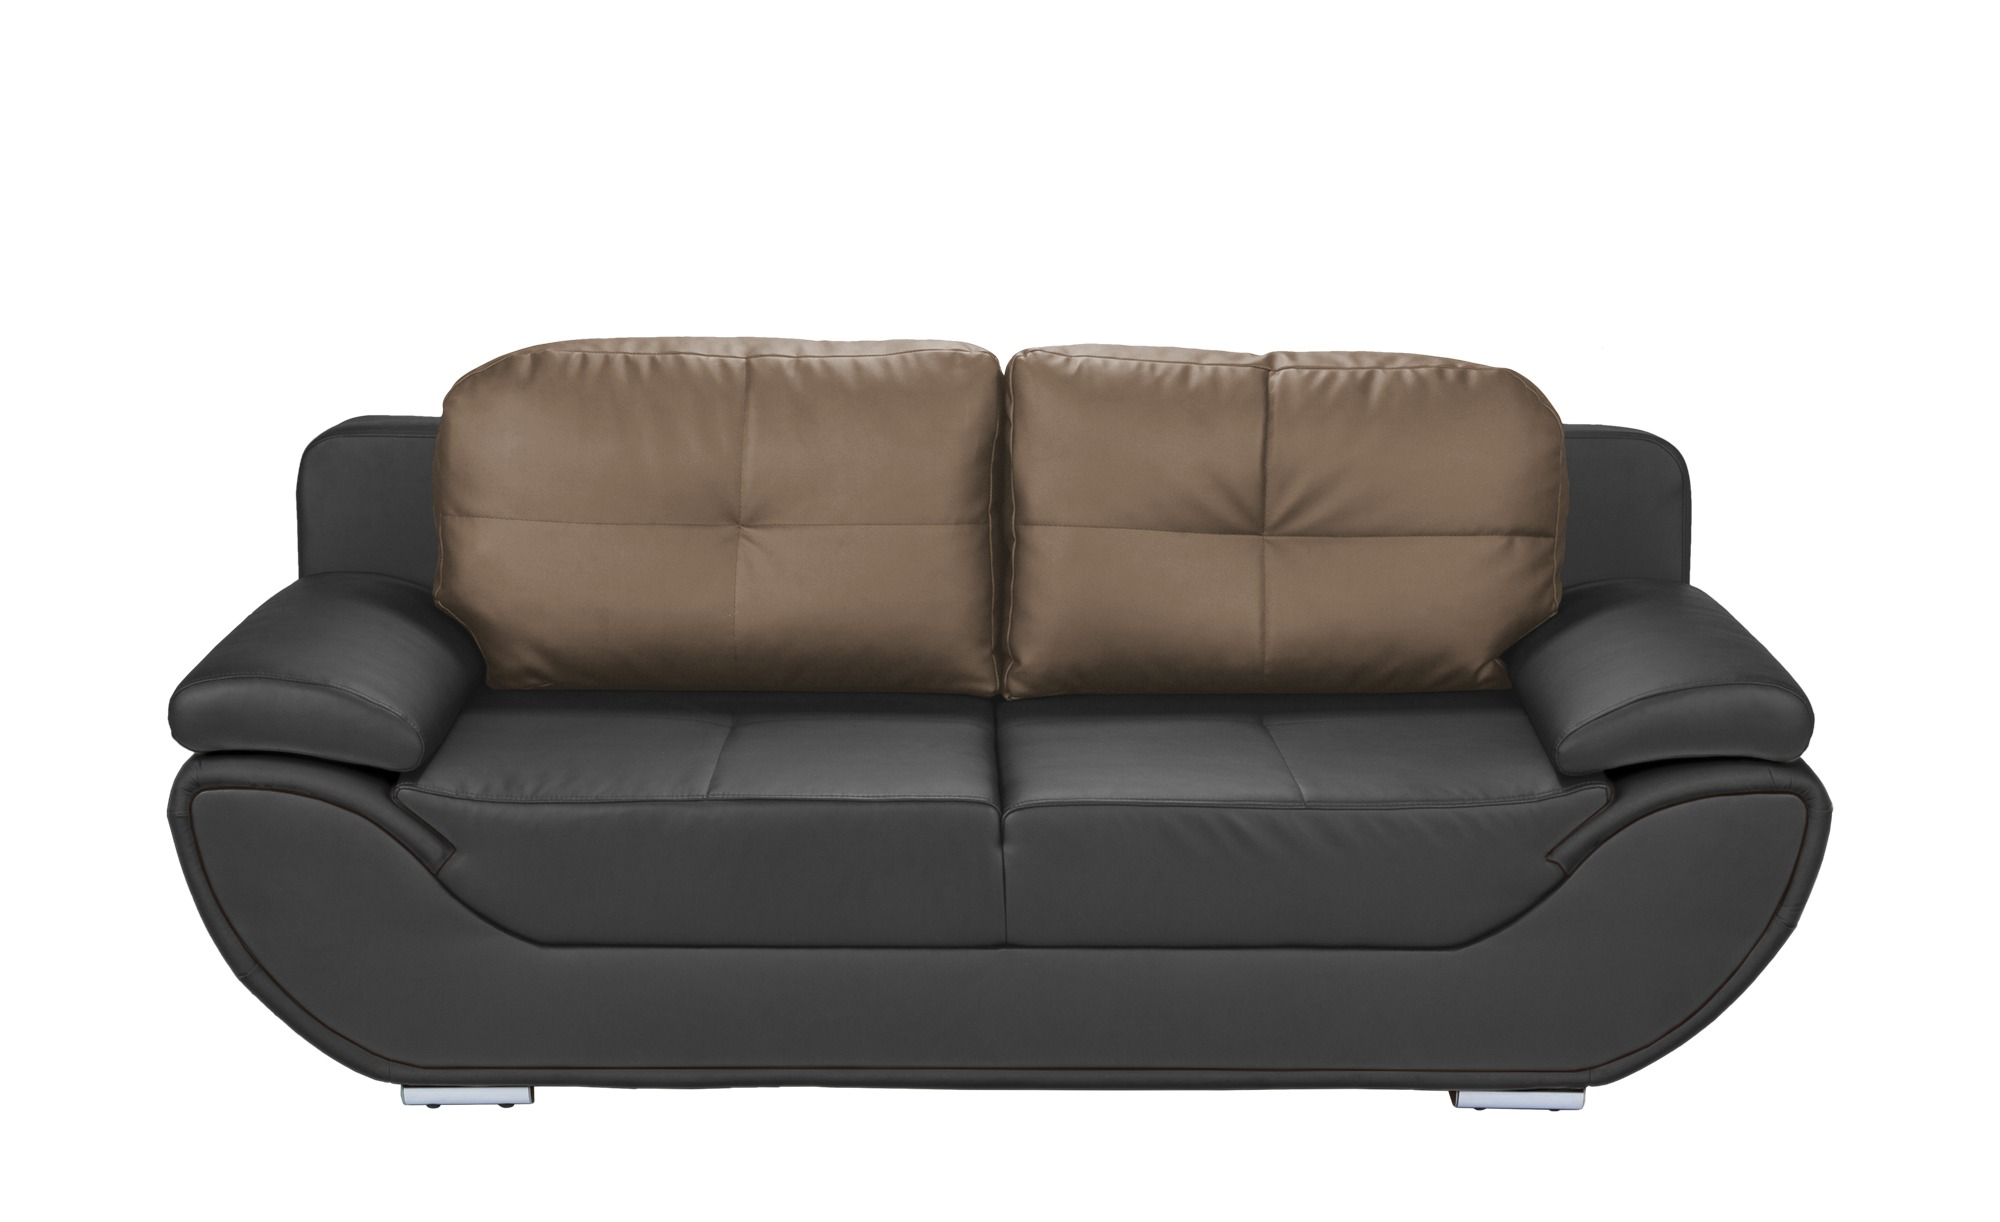 Smart design schlafsofa adina breite 204 cm h he 90 cm for Schlafsofa breite 120 cm